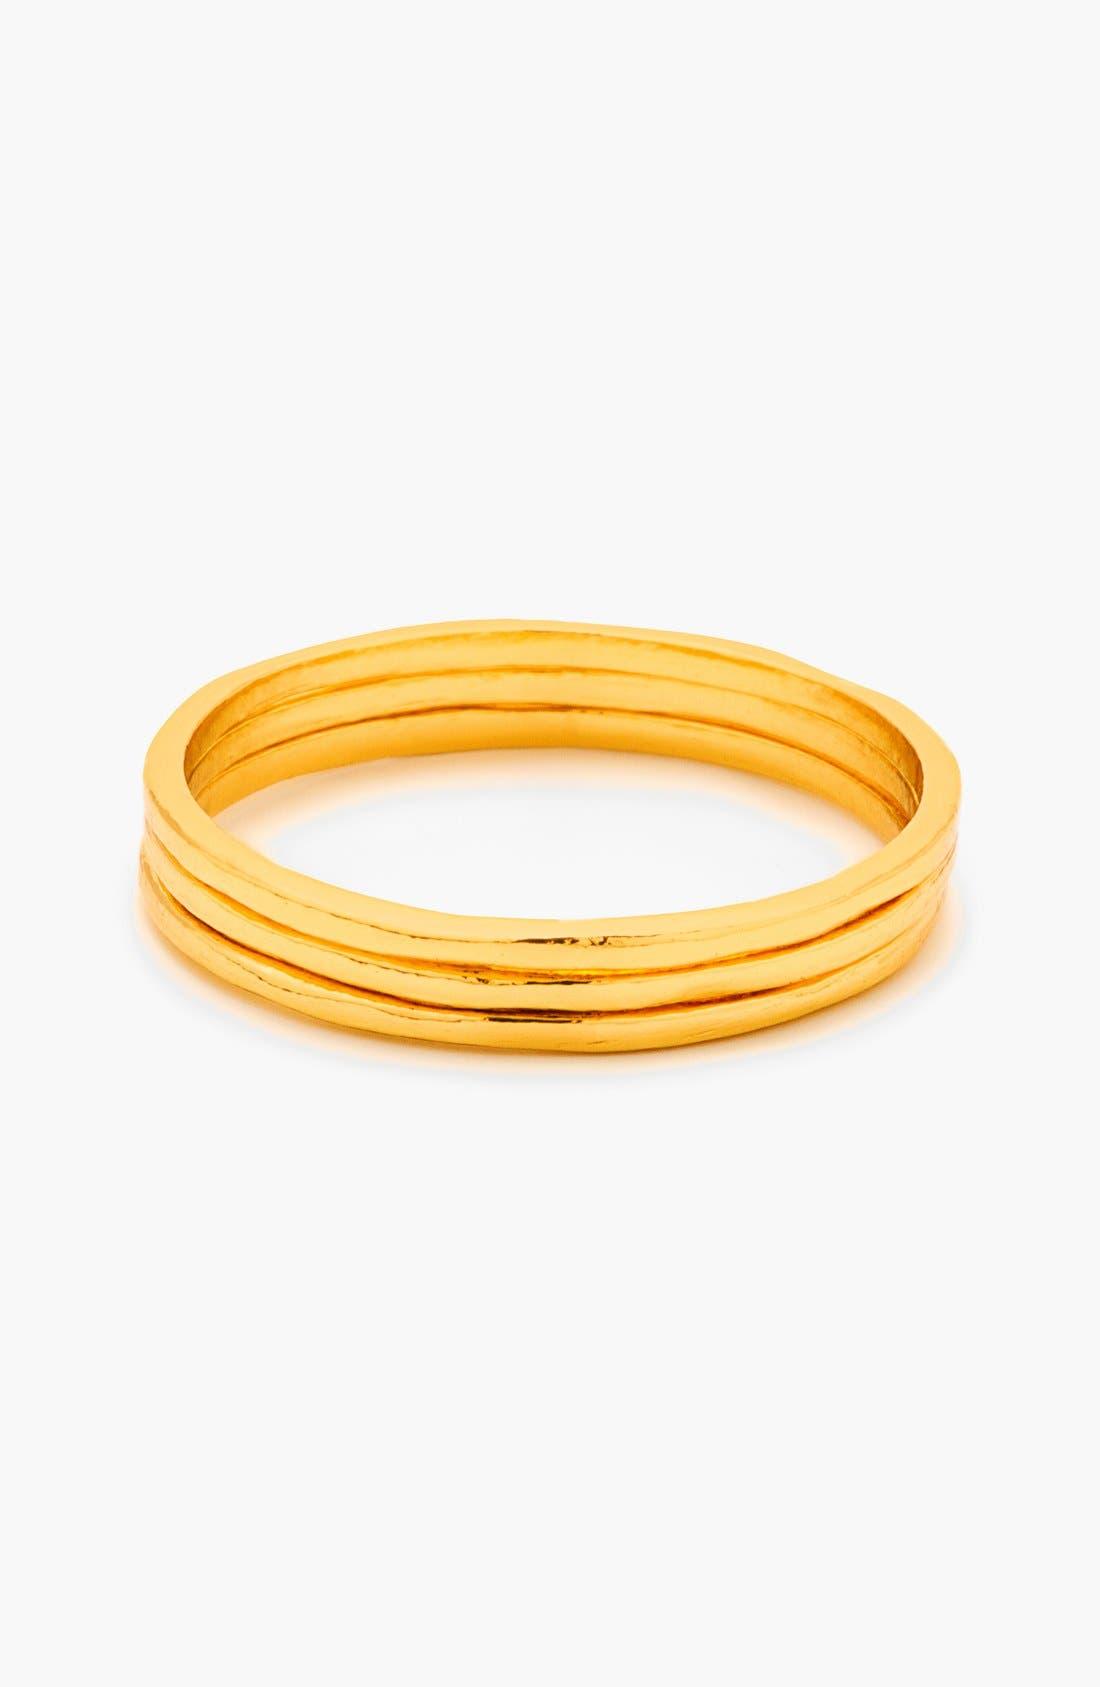 gorjana 'G Ring' Rings (Set of 3)